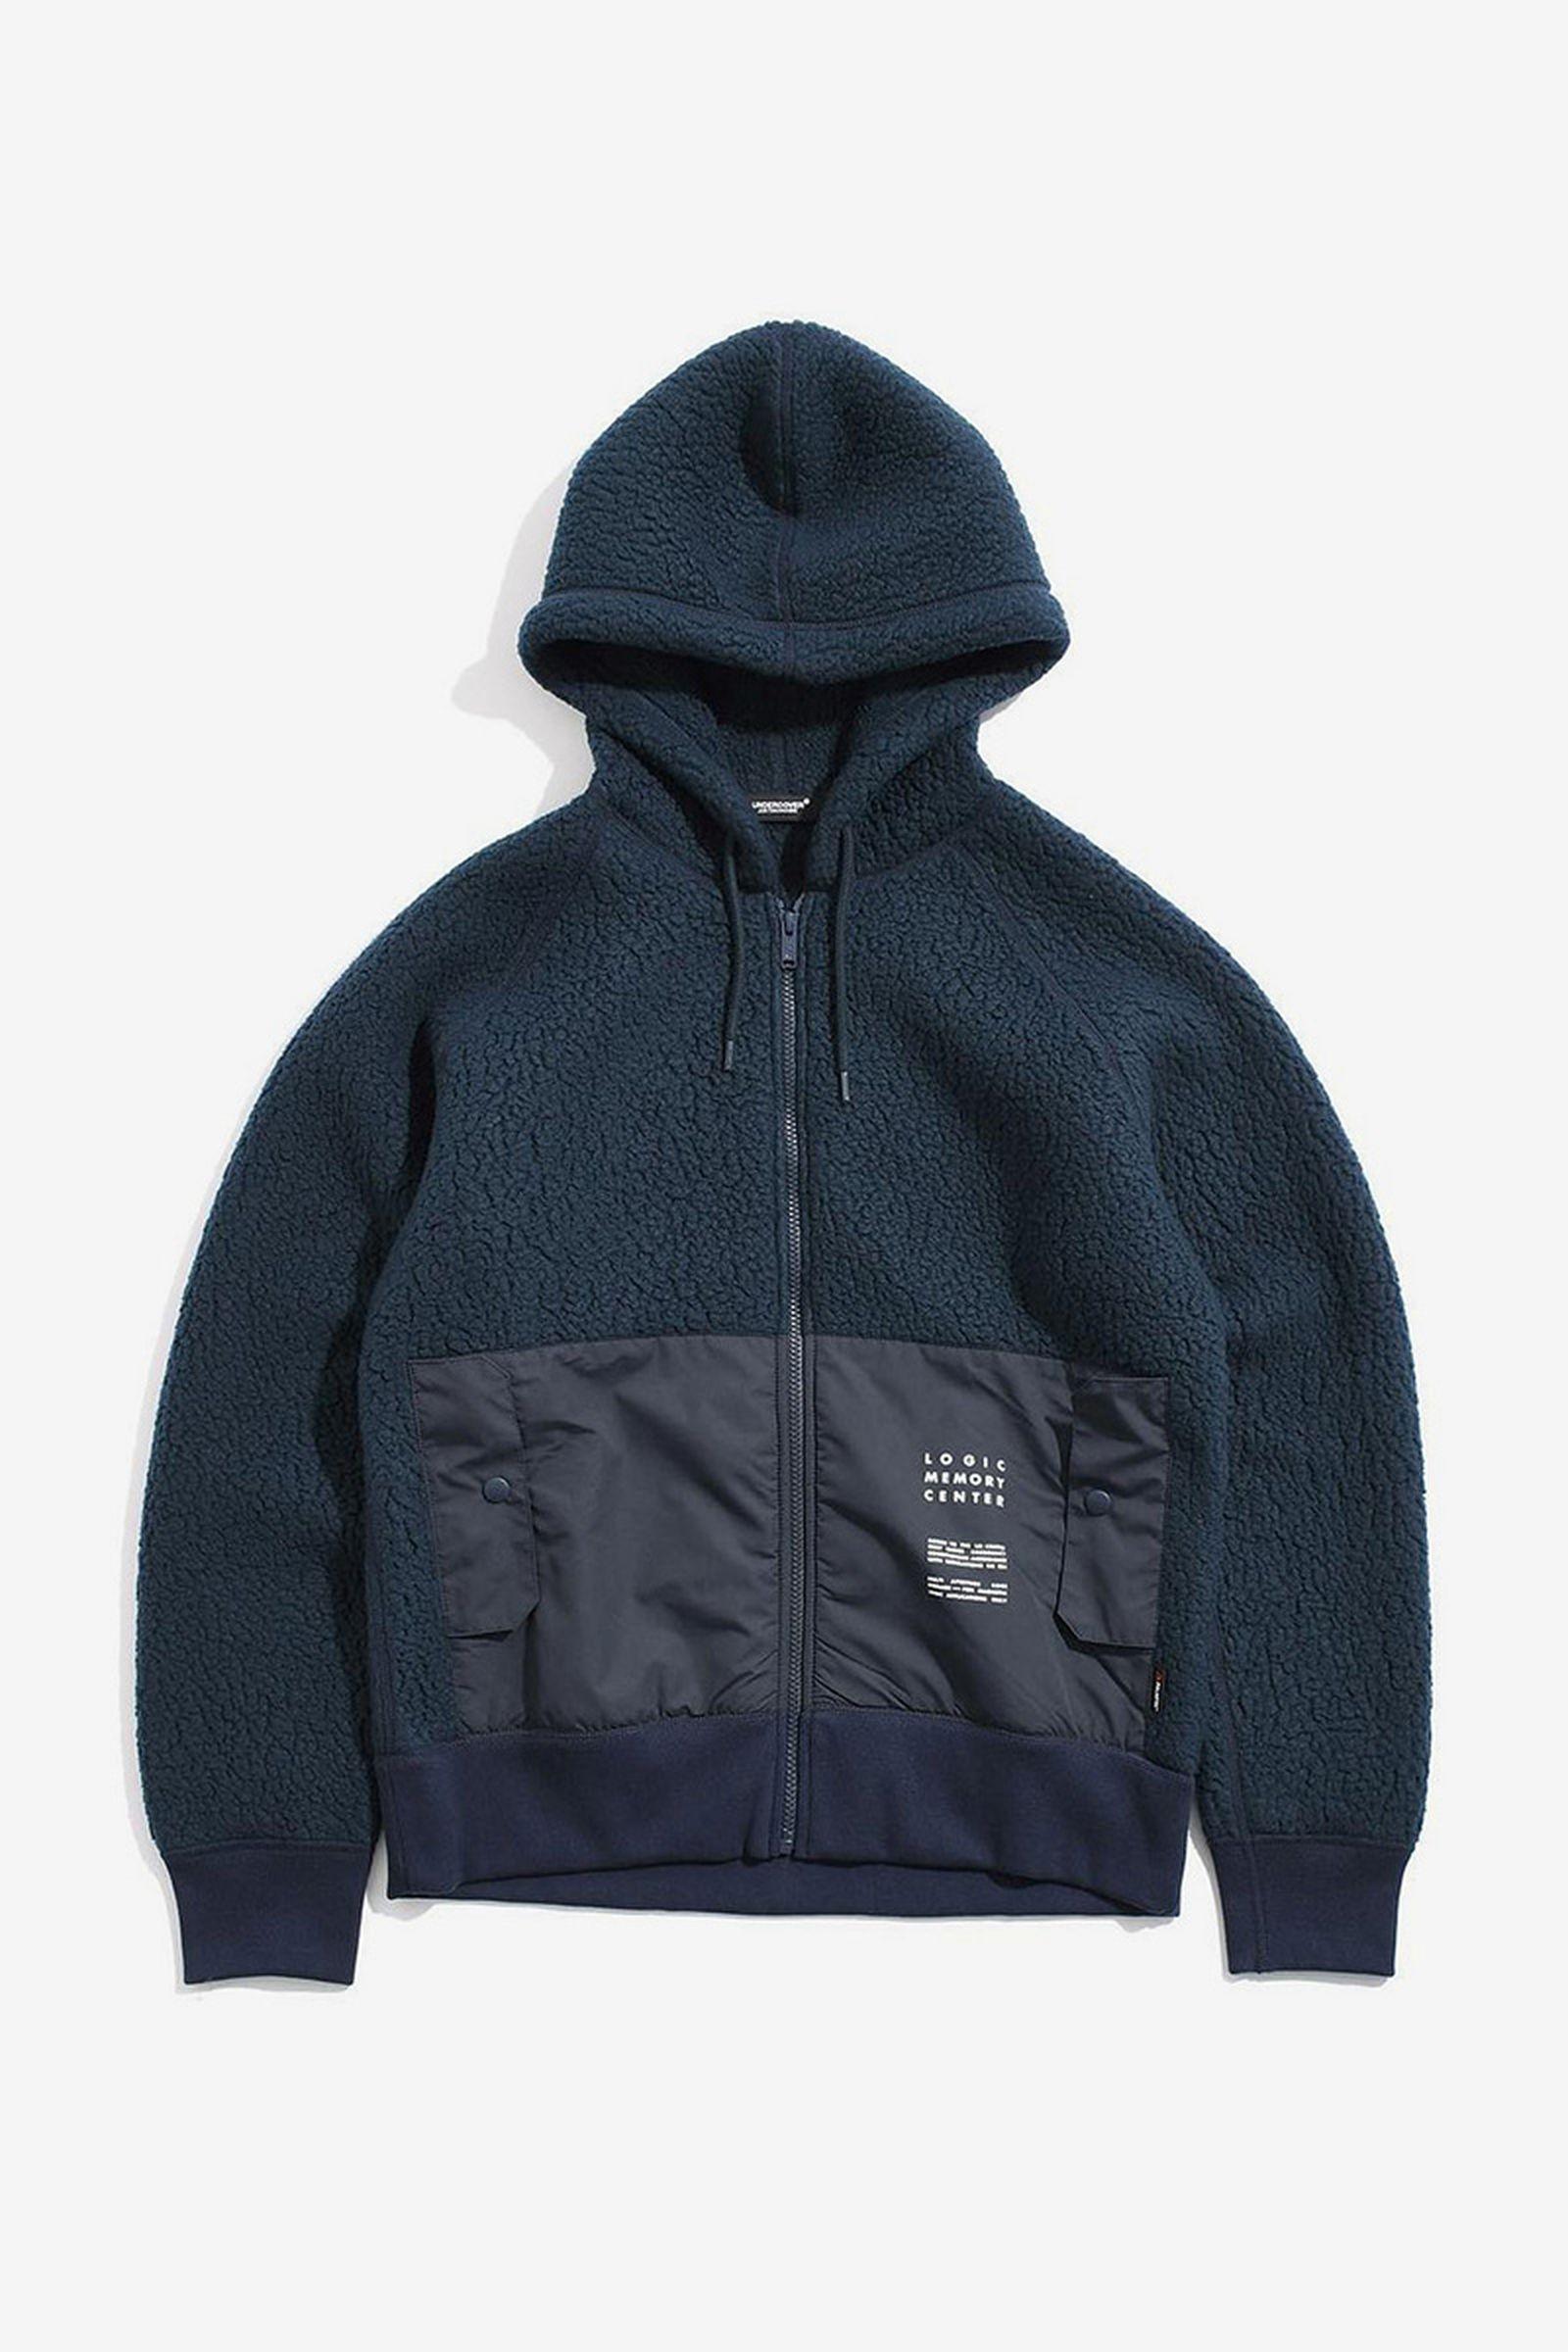 undercover polartec fleece collection jun takahashi